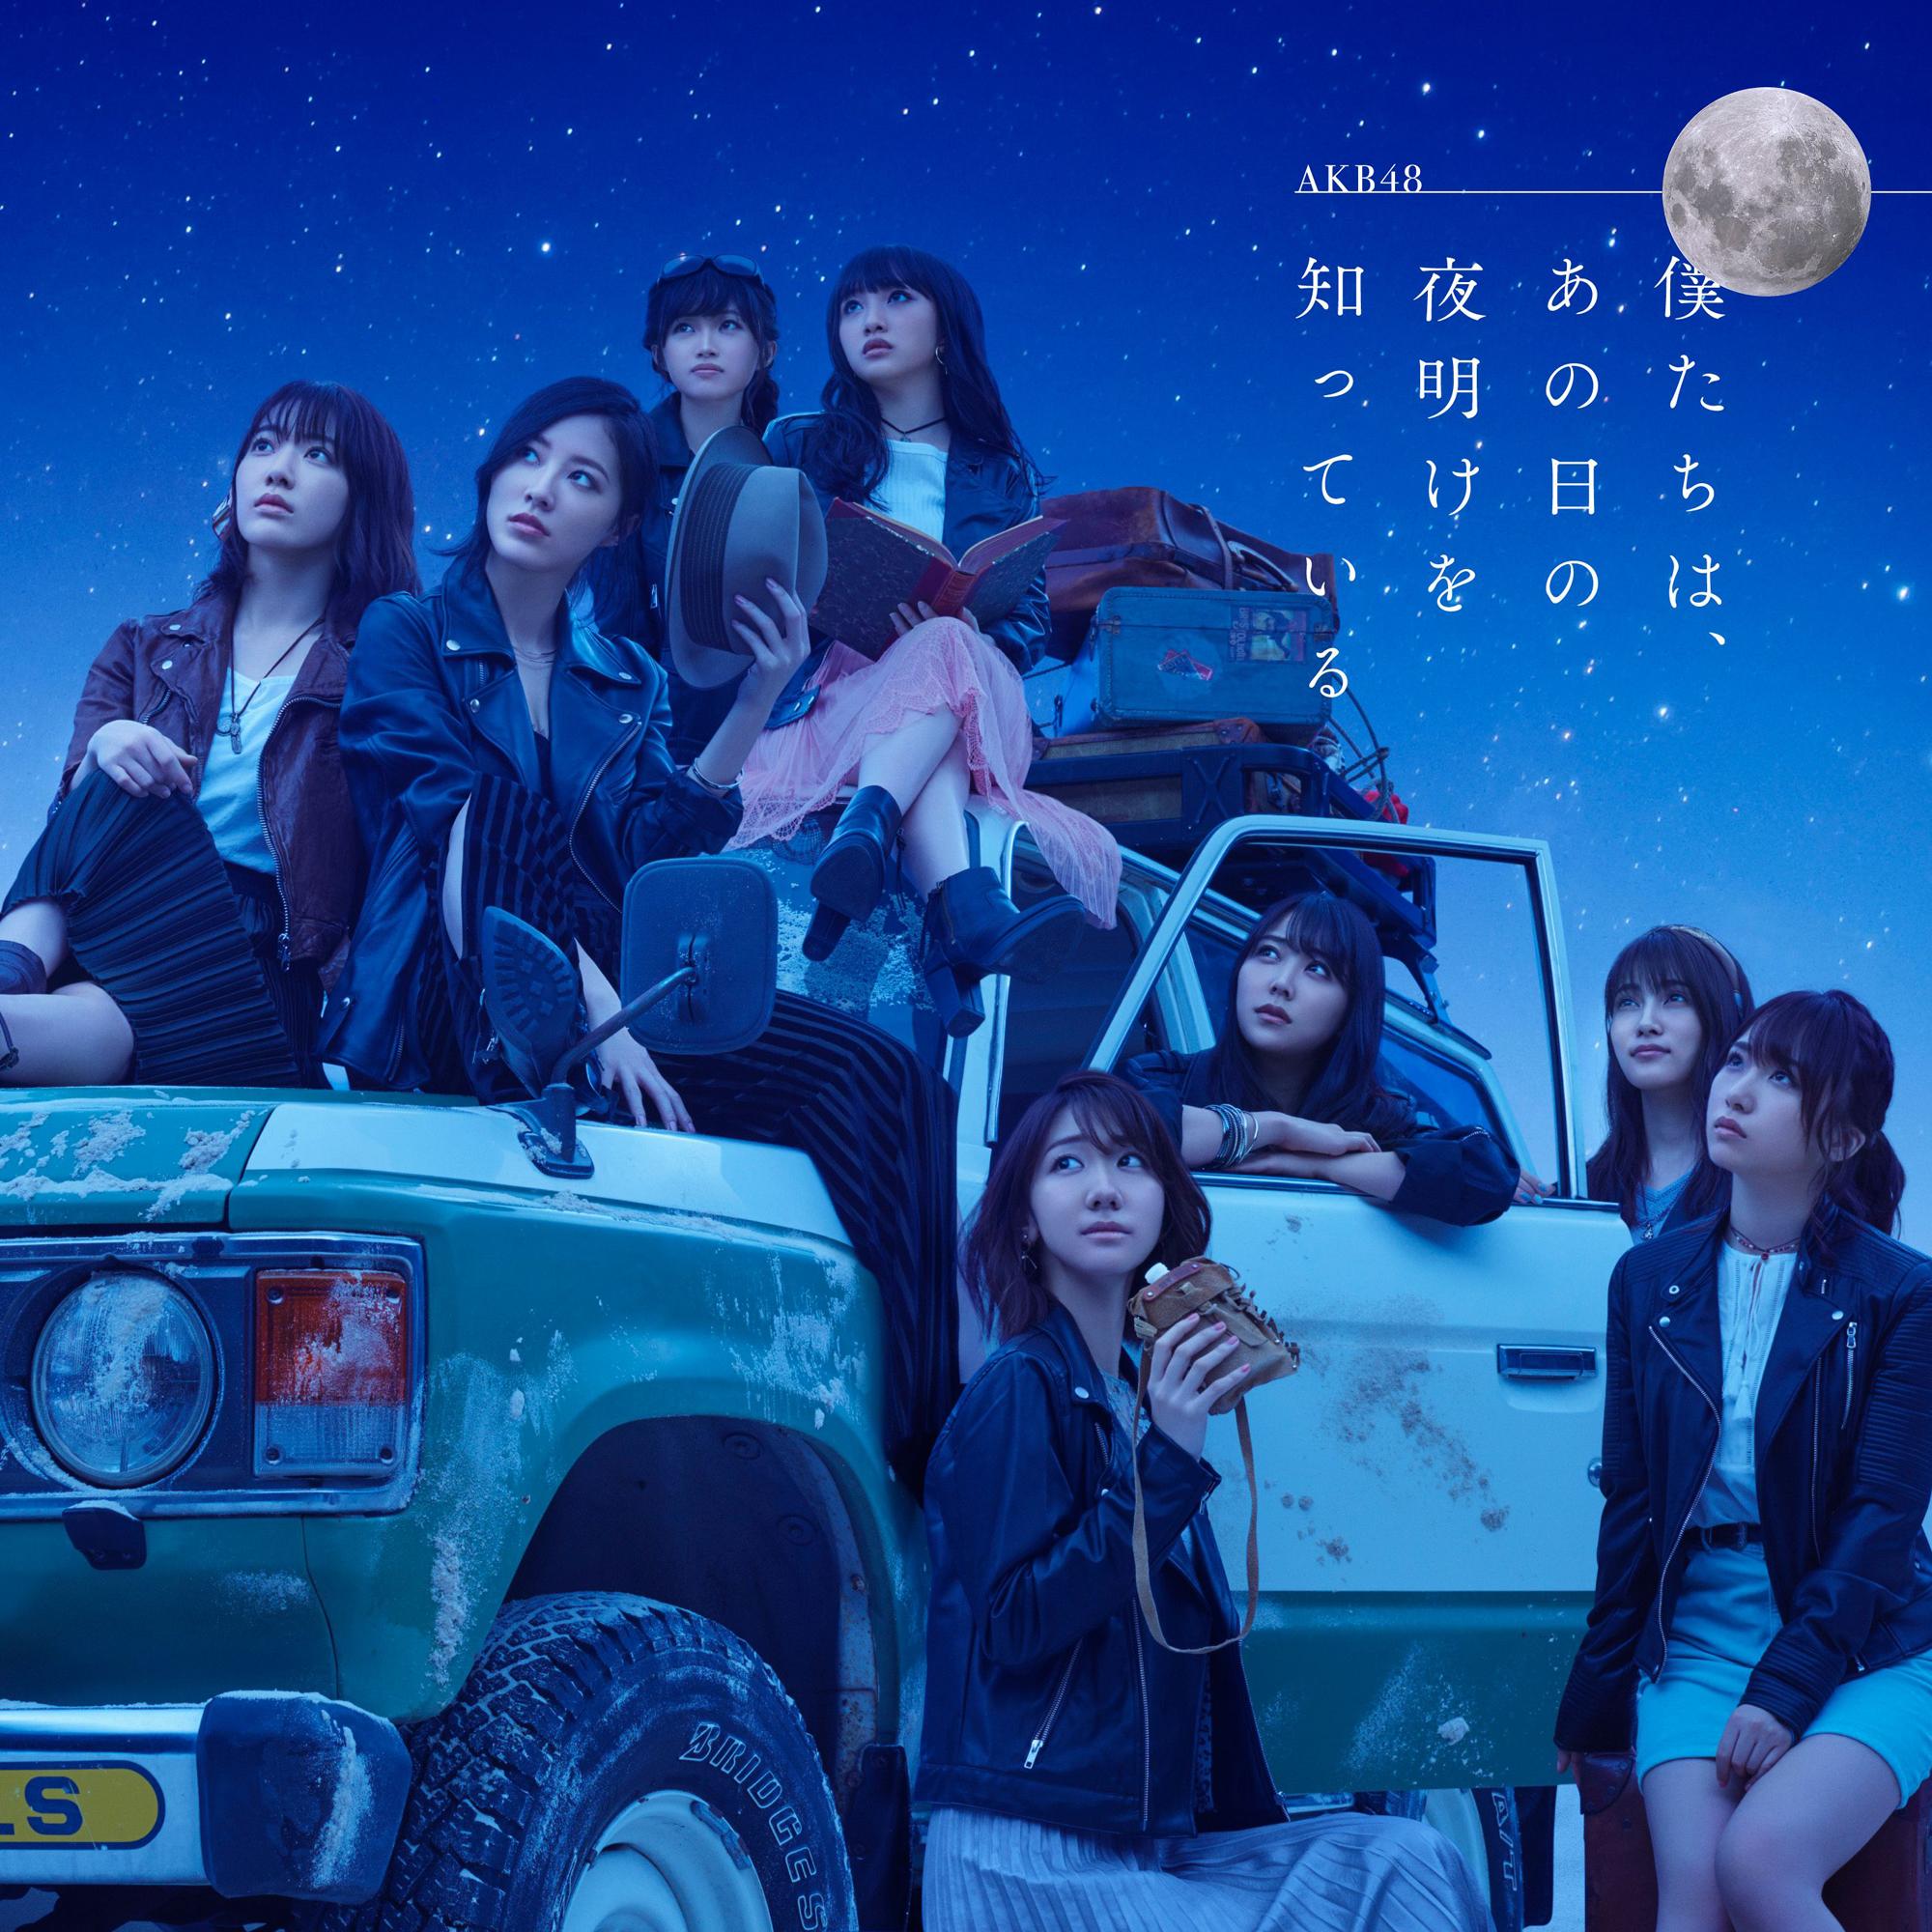 20180125.2319.02 AKB48 - Bokutachi wa Ano Hi no Yoake wo Shitteiru (Type B) (FLAC) cover 2.jpg